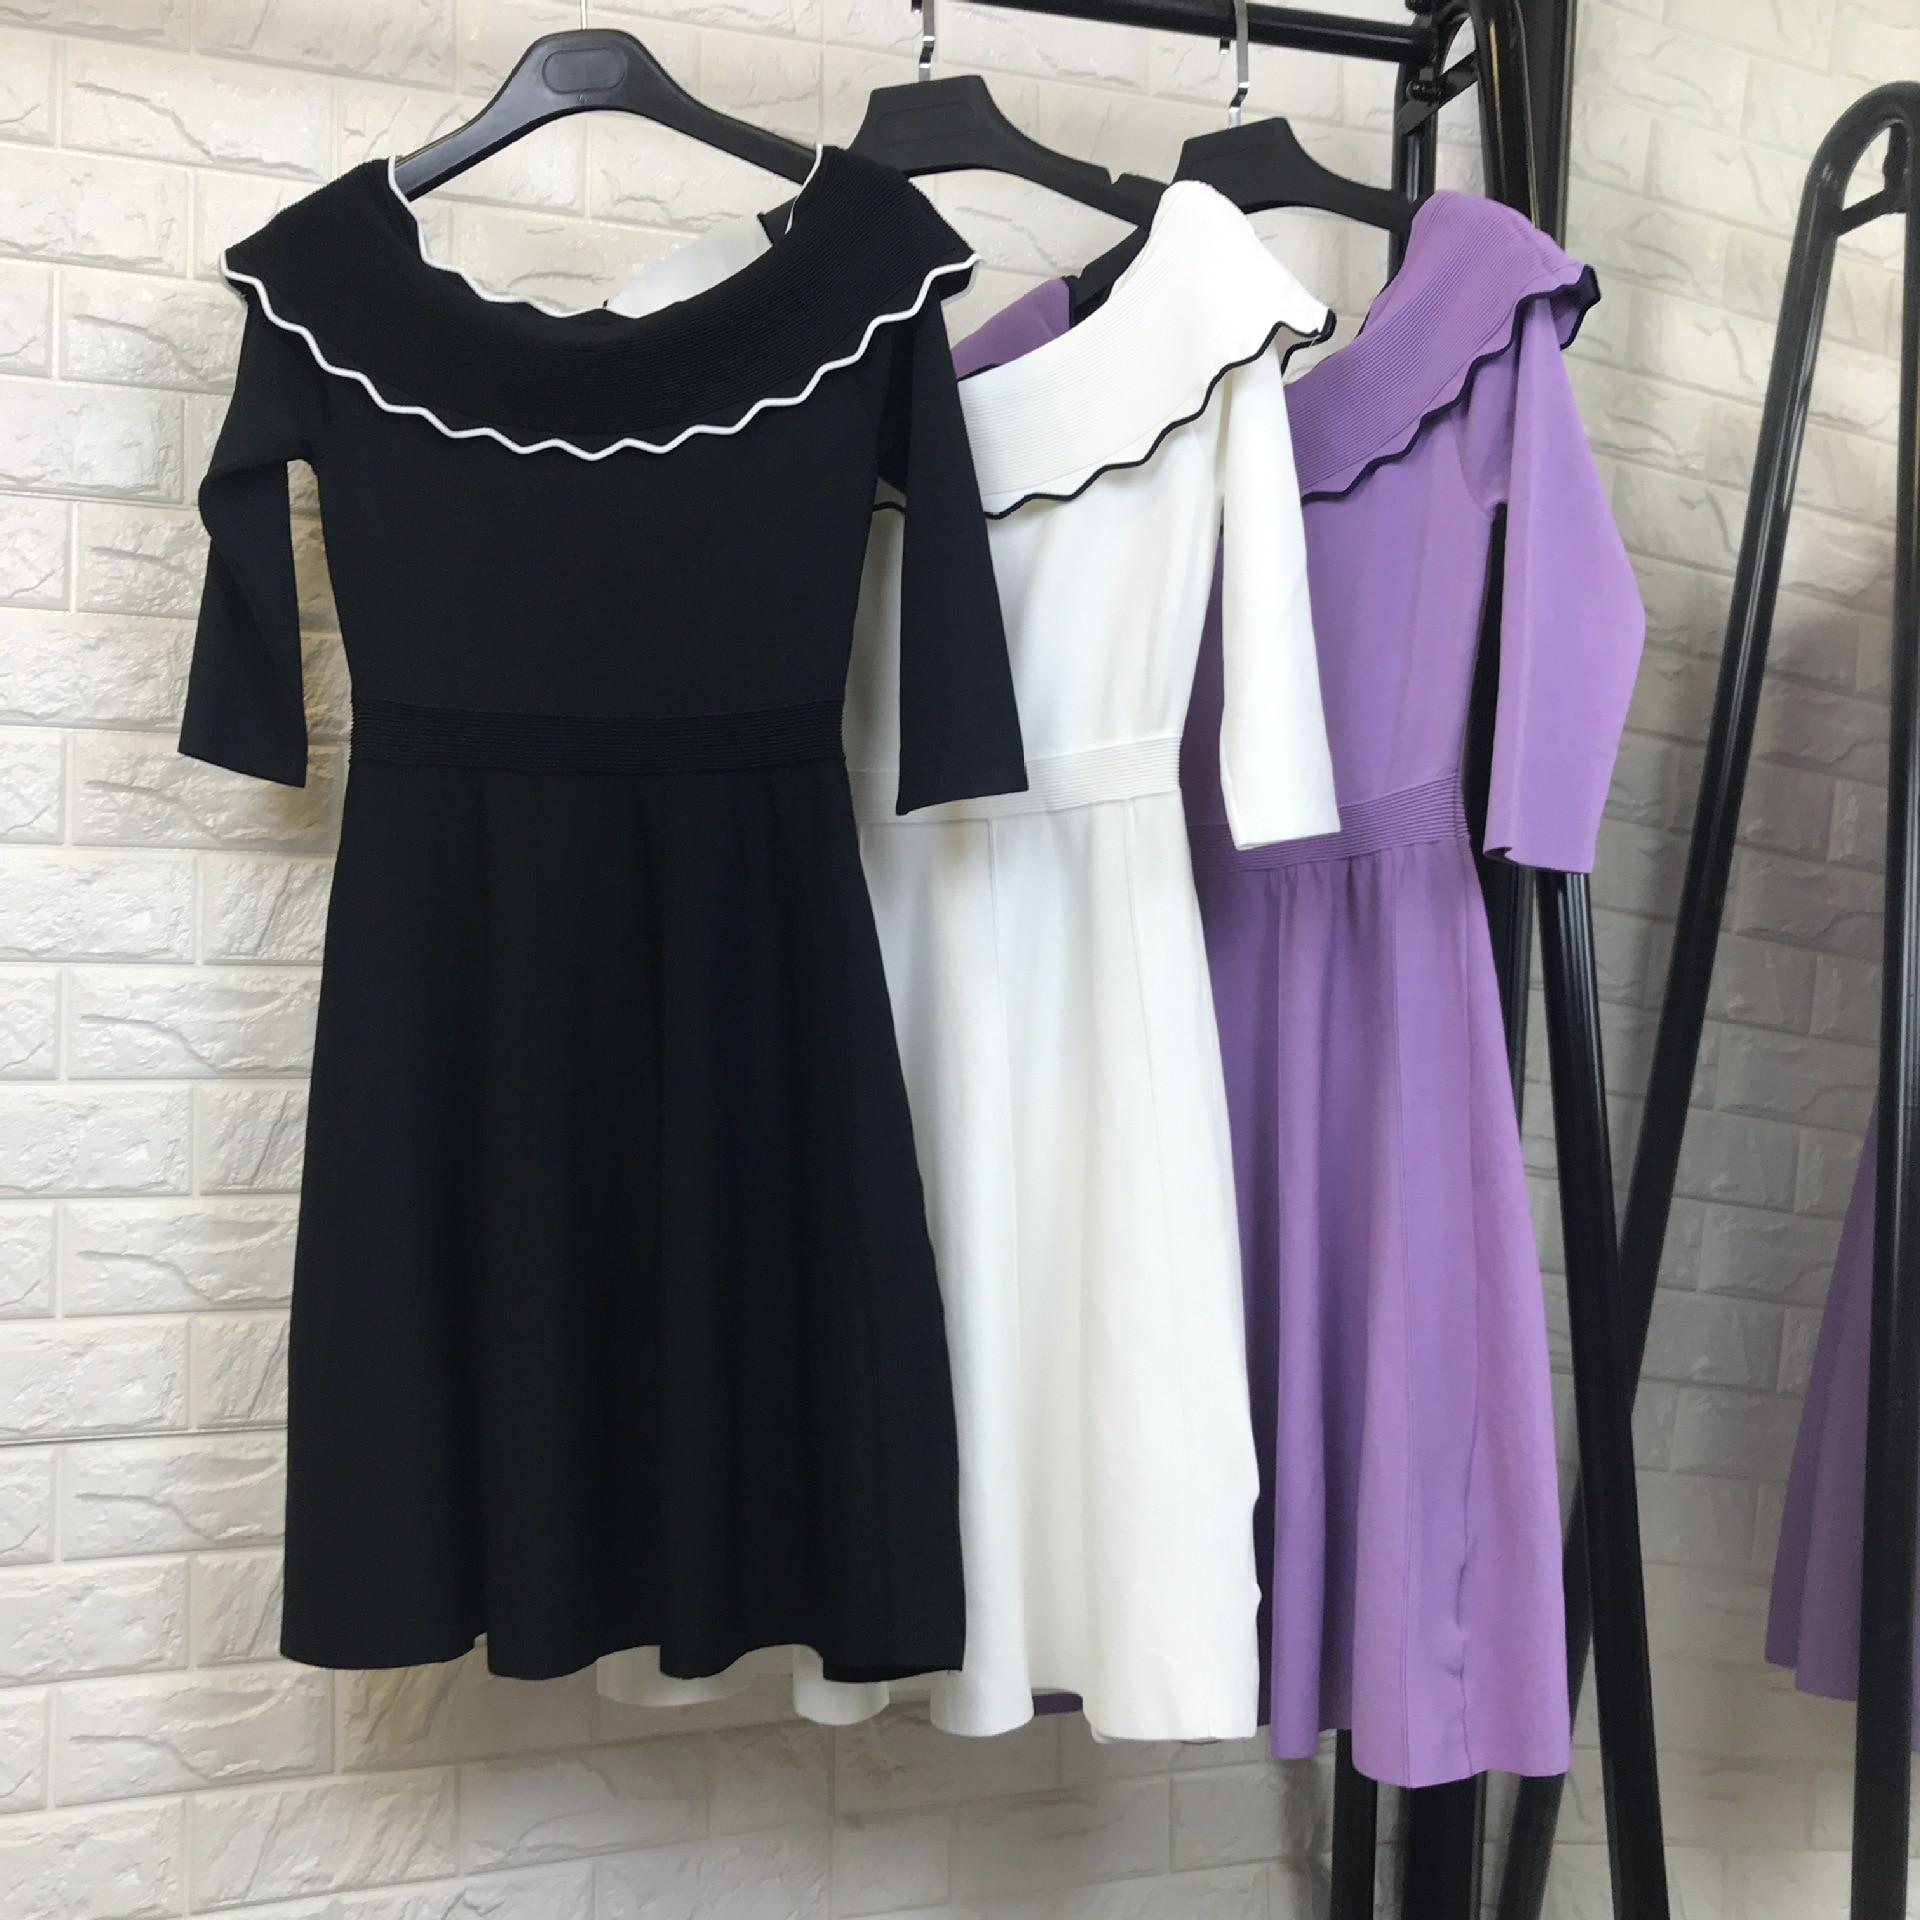 Femmes mode élégant hors de l'épaule sexy tricot pull robe demi manches a-ligne noir blanc violet robes nouveau 2018 automne